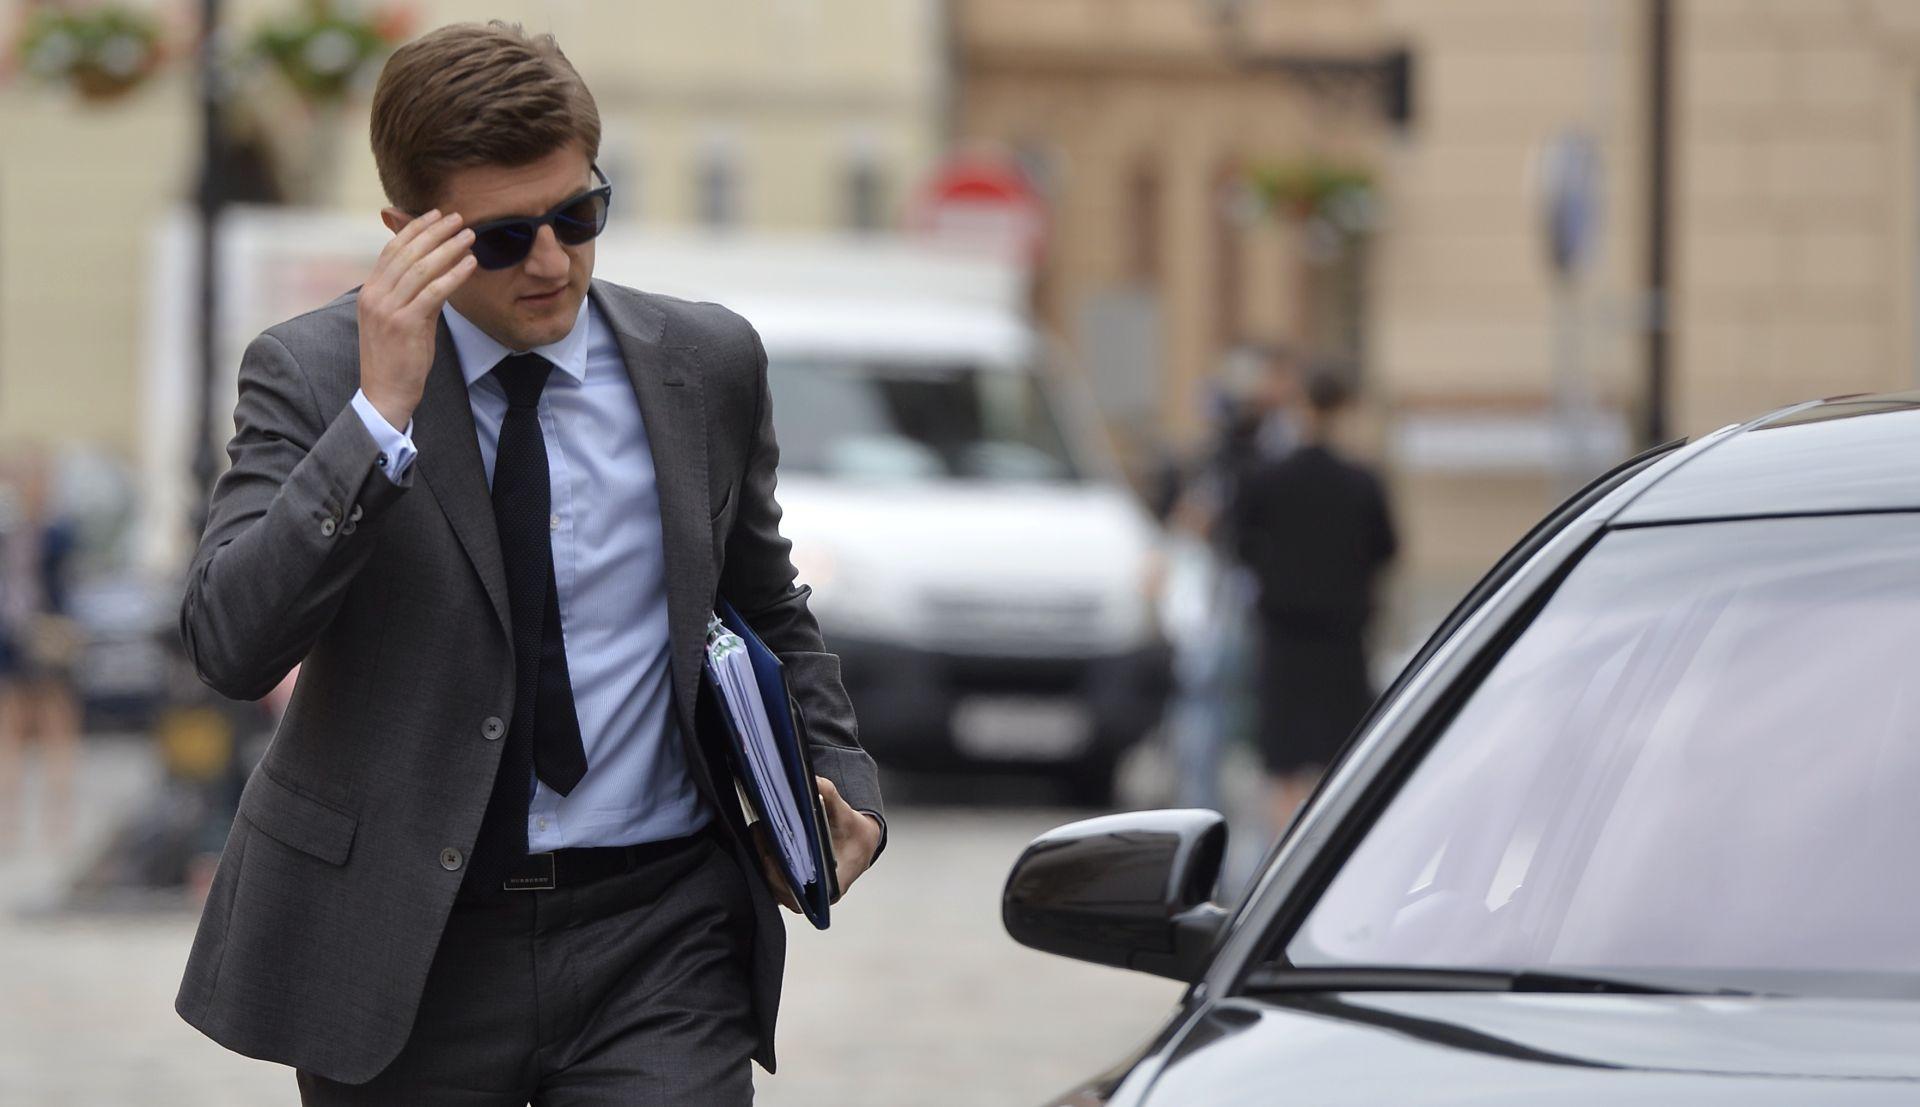 Radni kolegij ministra Marića – promjene u poreznom sustavu pozitivno će utjecati na gospodarstvo